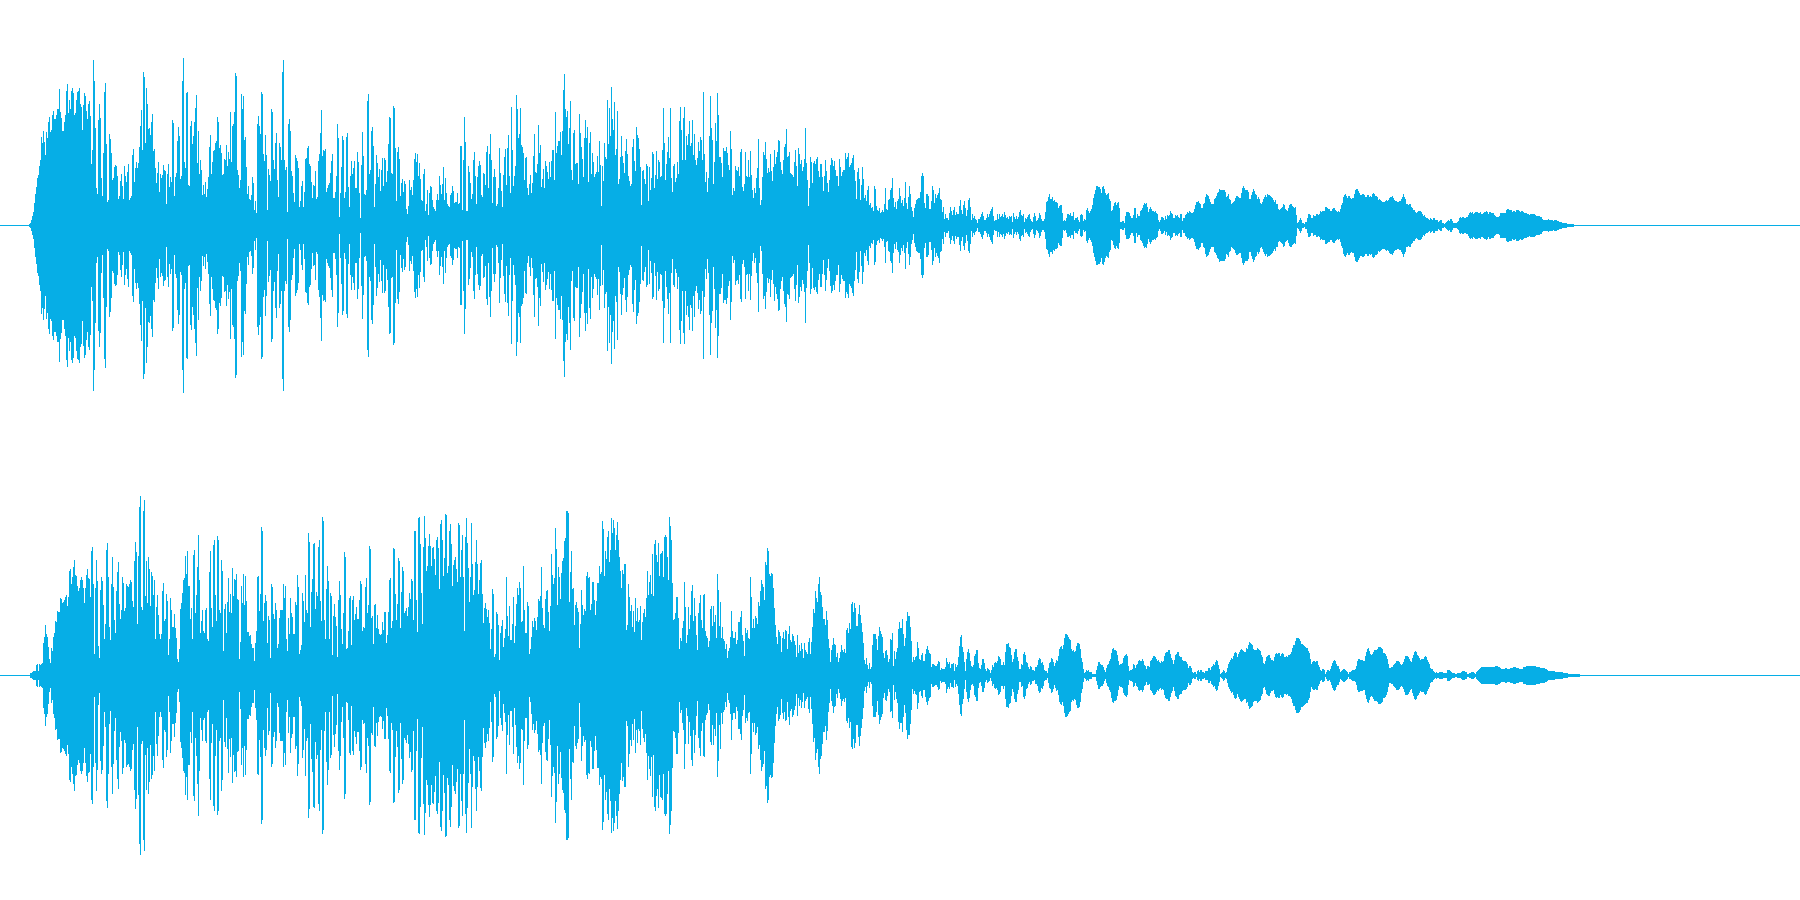 モキュッ (機械的な音声)の再生済みの波形